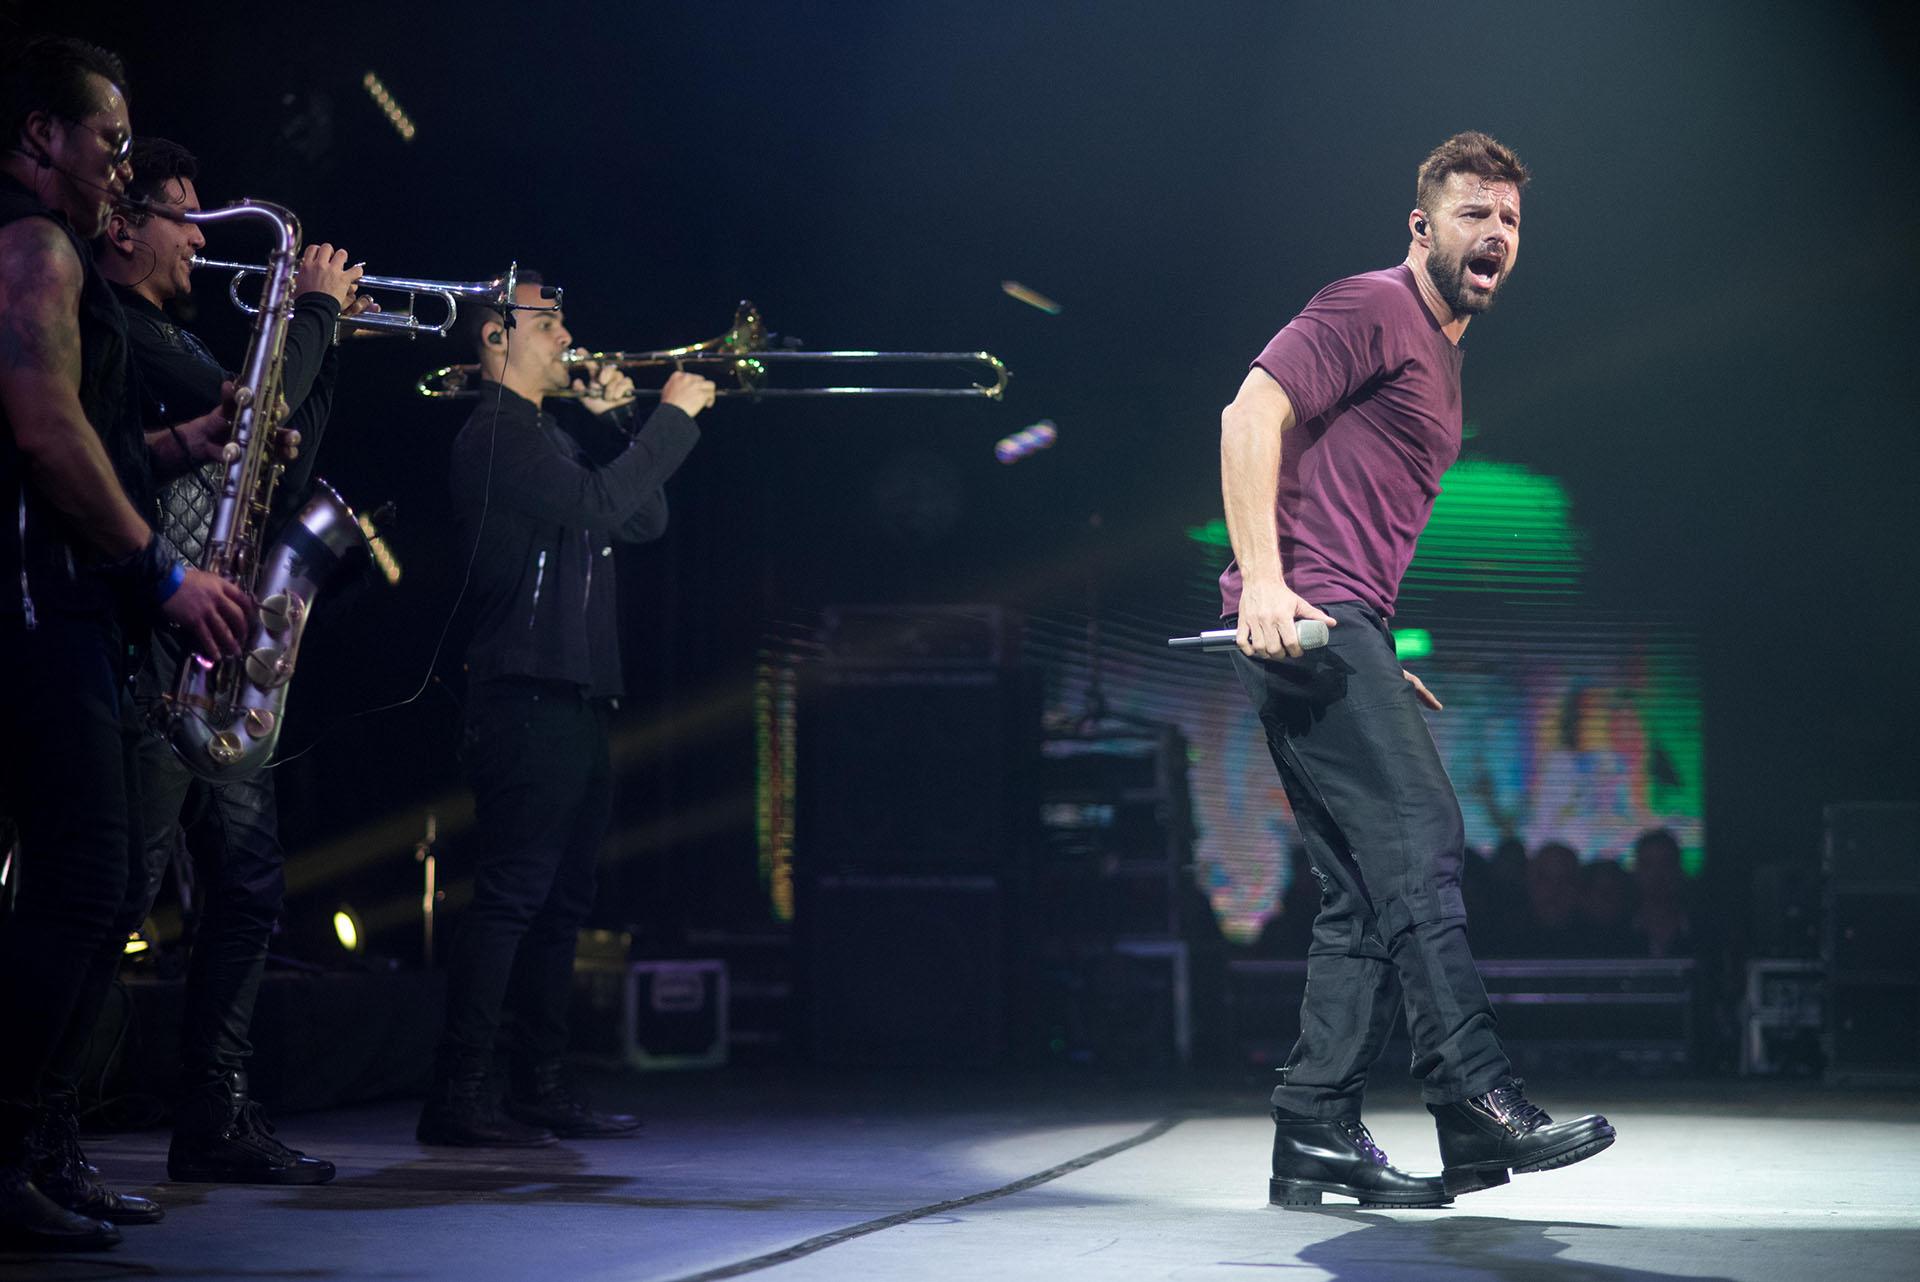 Living la vida loca, La Mordidita, Vente Pa Ca fueron algunos de los éxitos que cantó Ricky Martin